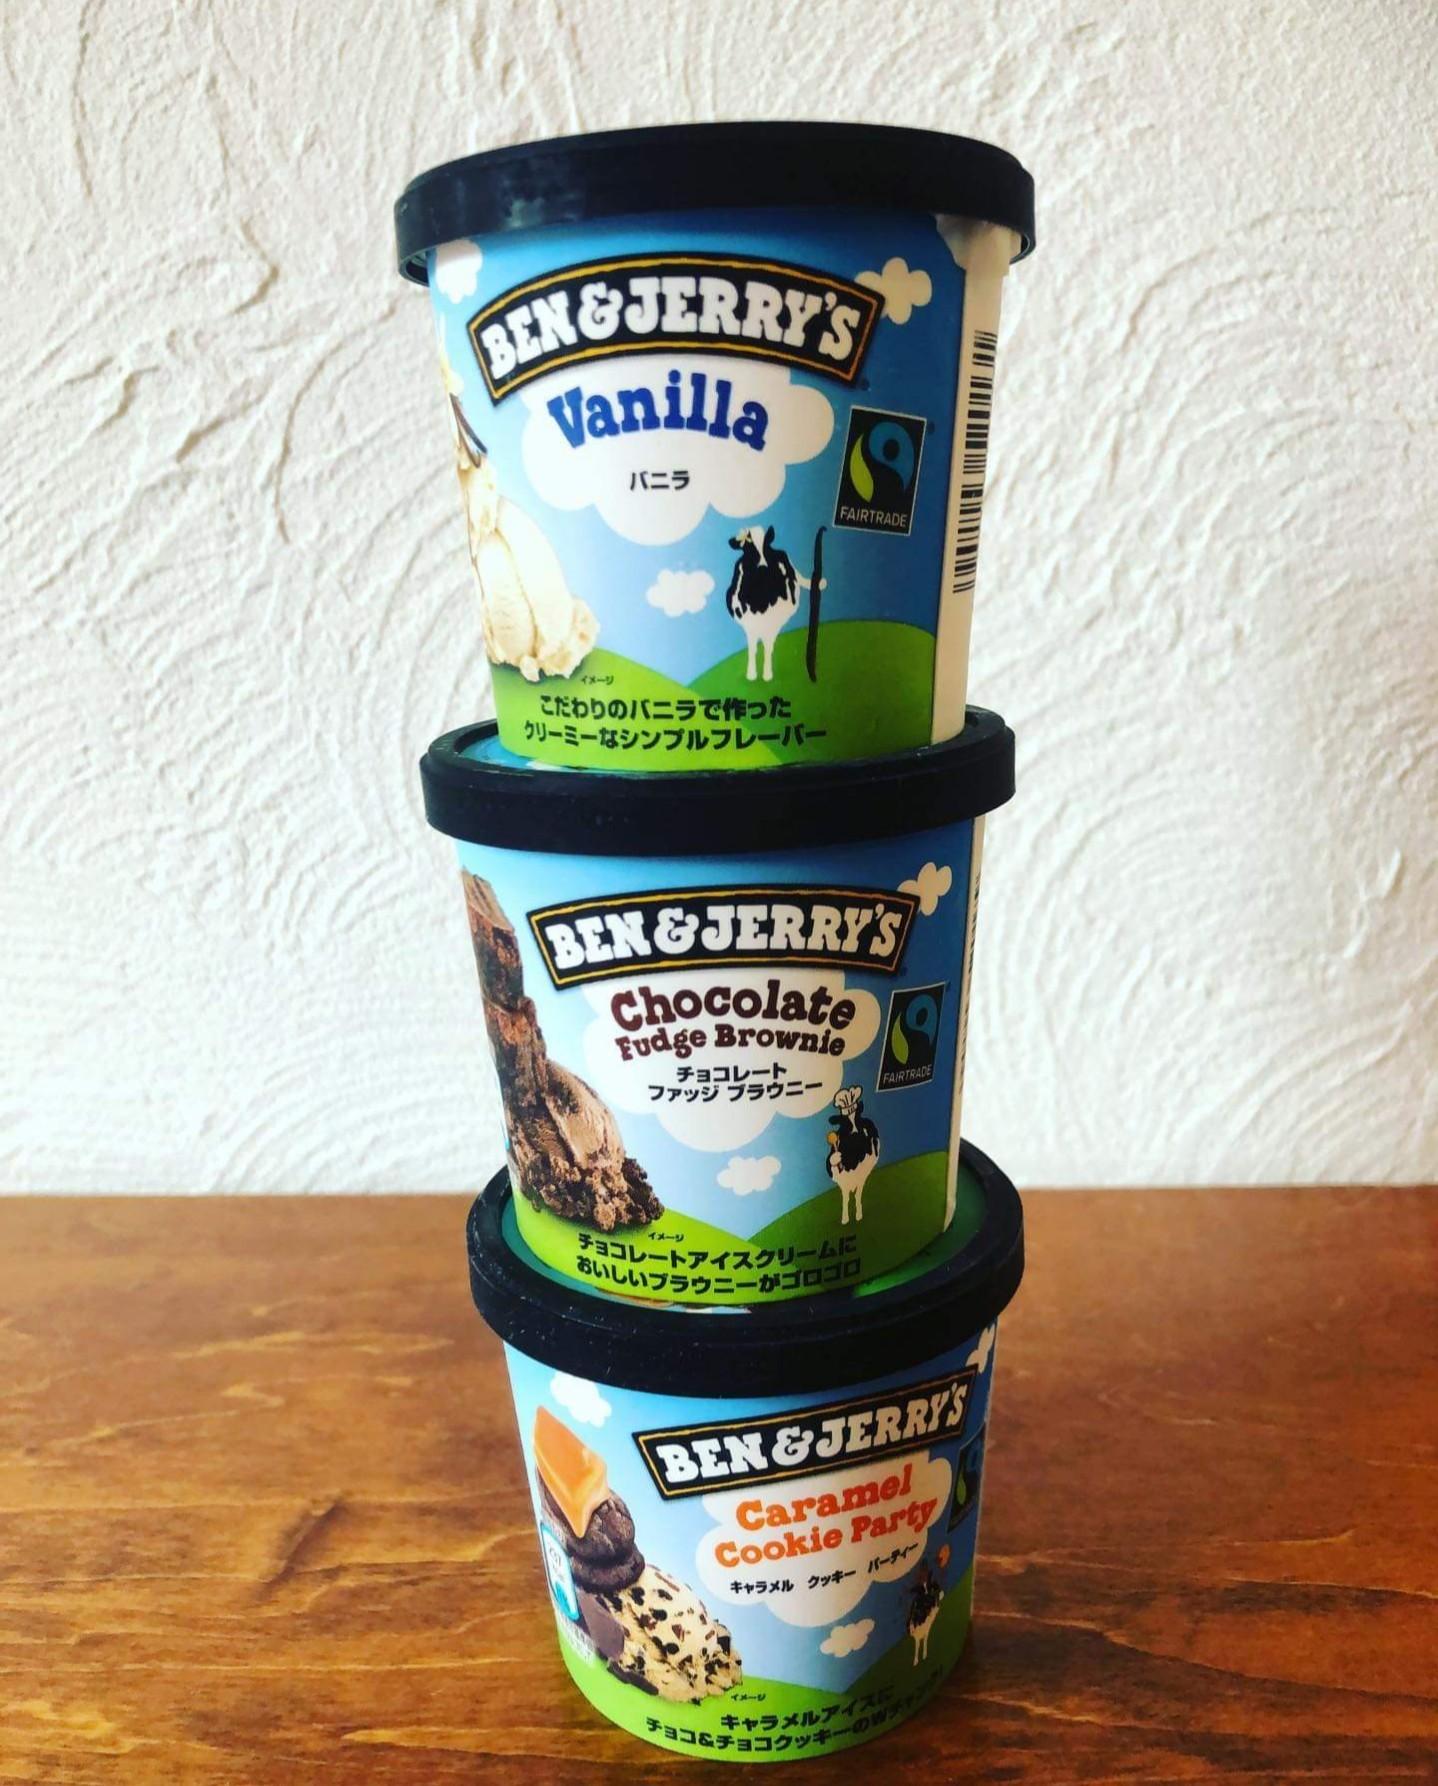 B&Jアイスクリーム販売終了のお知らせ_e0207360_16560887.jpg